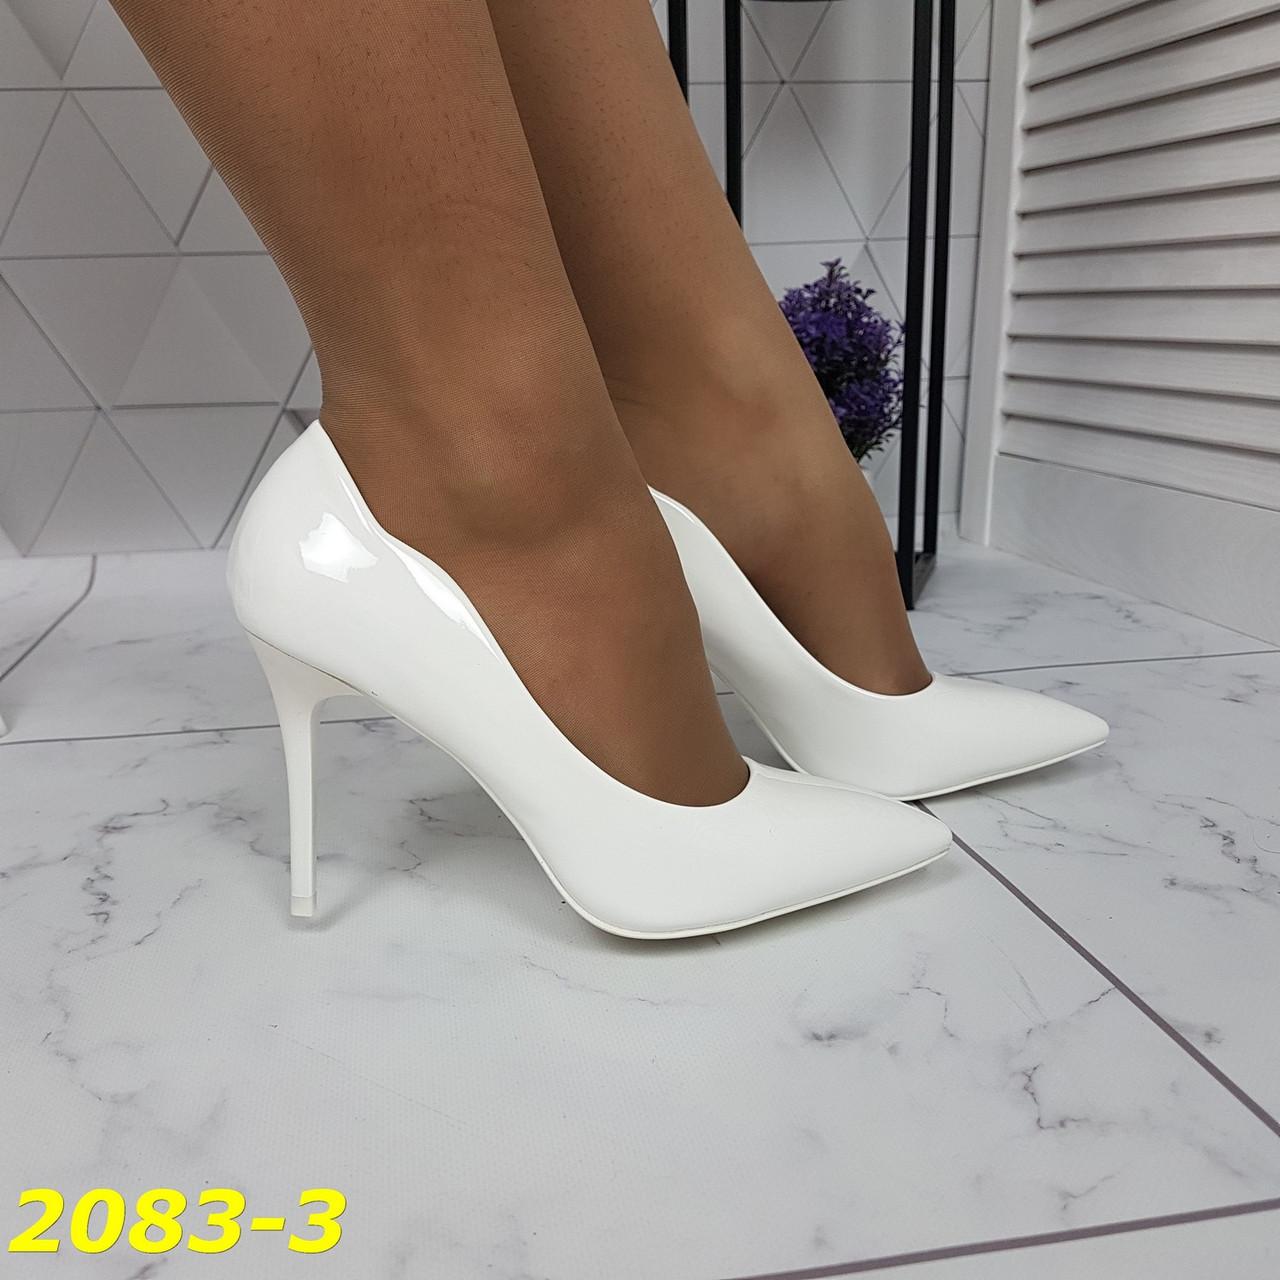 Класичні туфлі білі на невисокому каблуці 36, 38, 39 р. (2083-3)